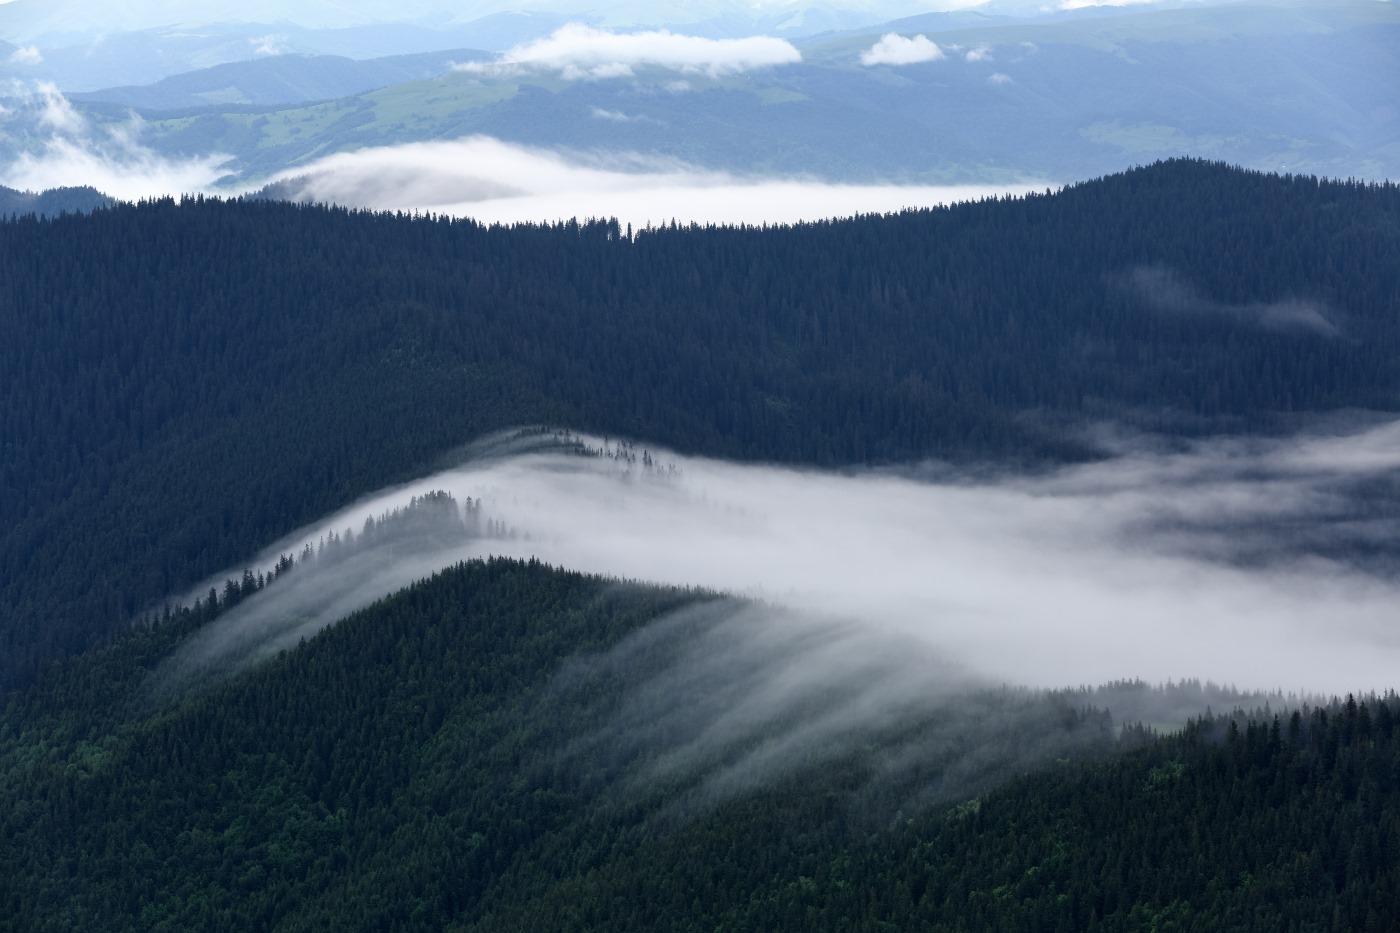 Магічні світлини Мармароських гір у хмарах показали в мережі (ФОТО)